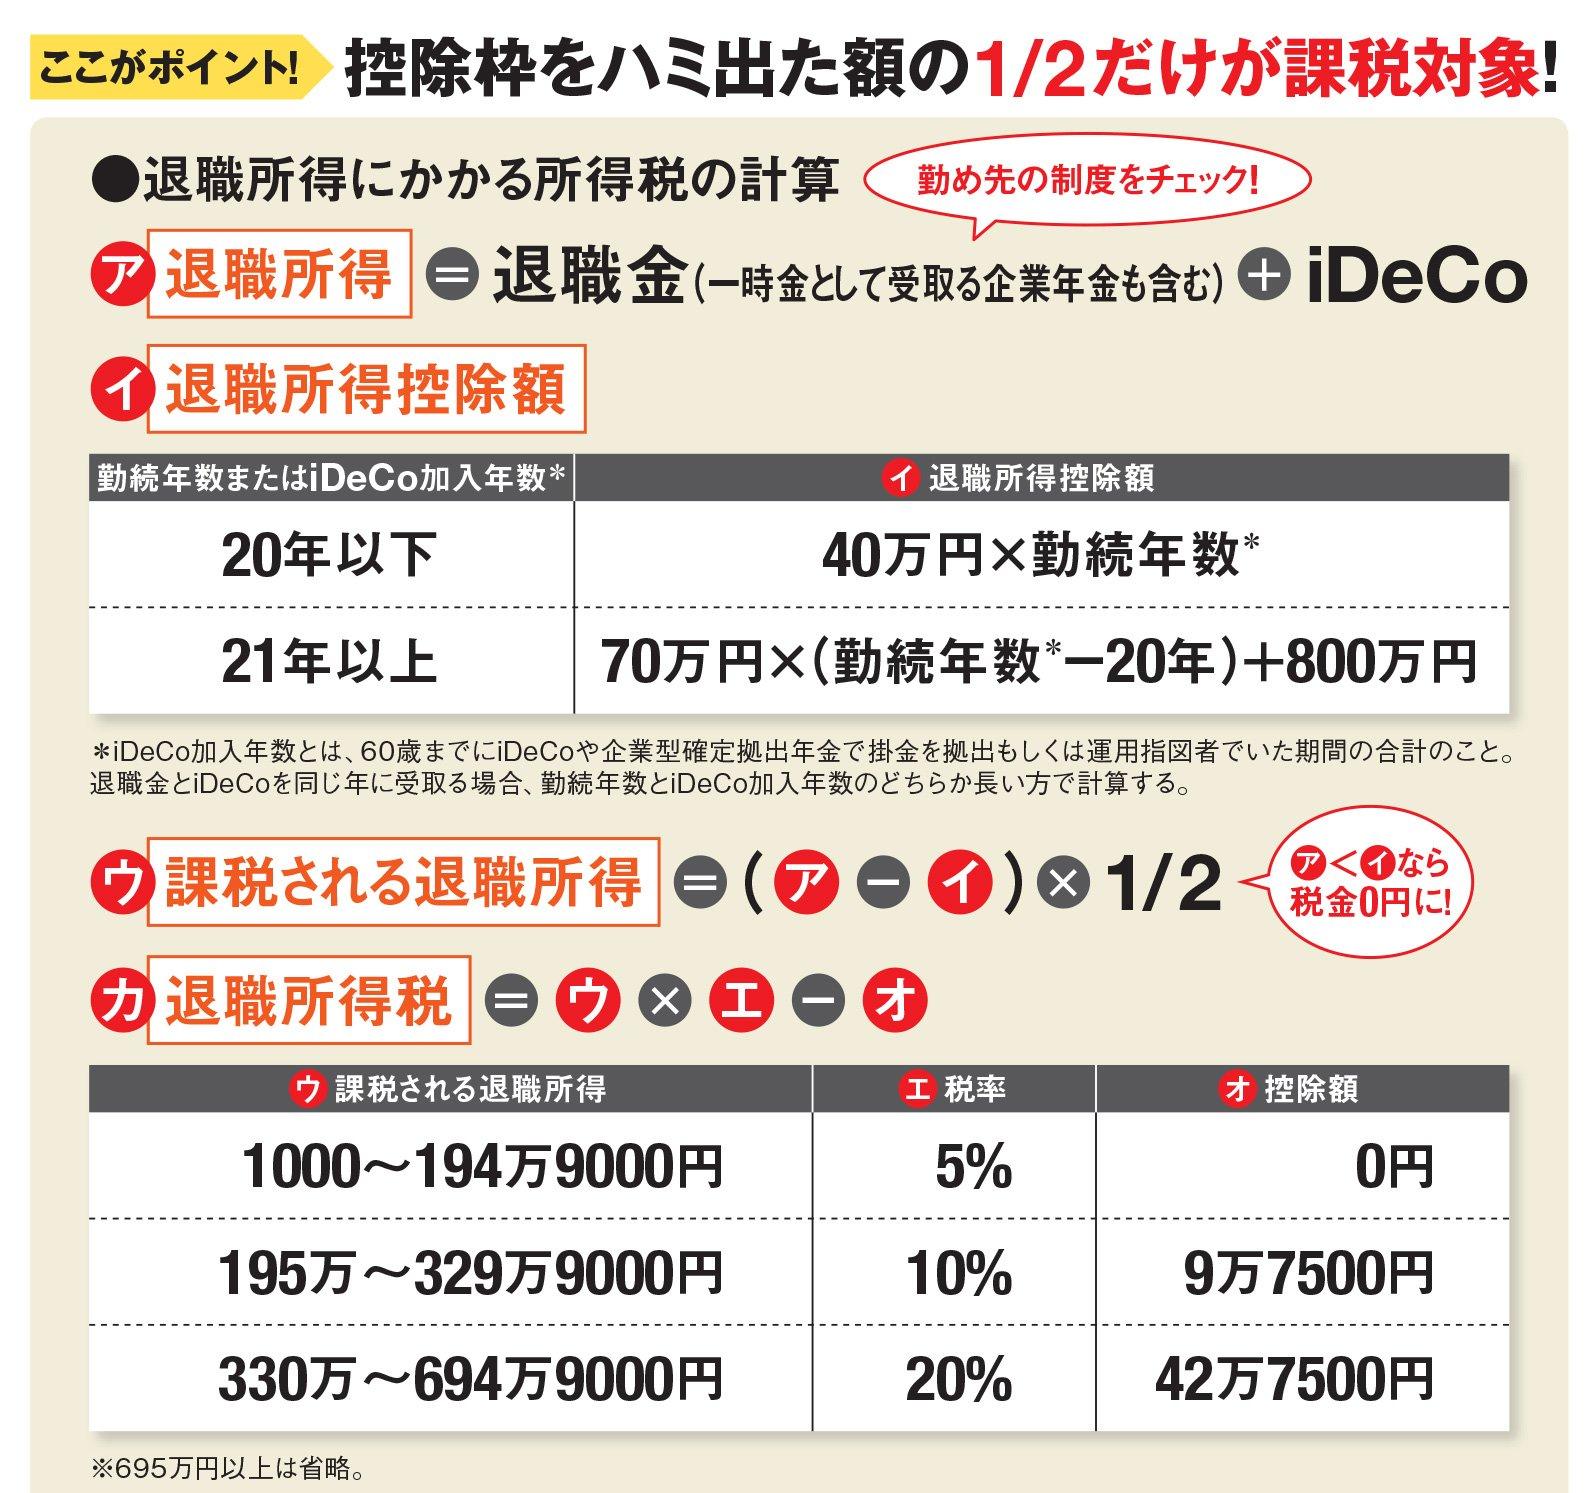 金 シミュレーション 退職 税金